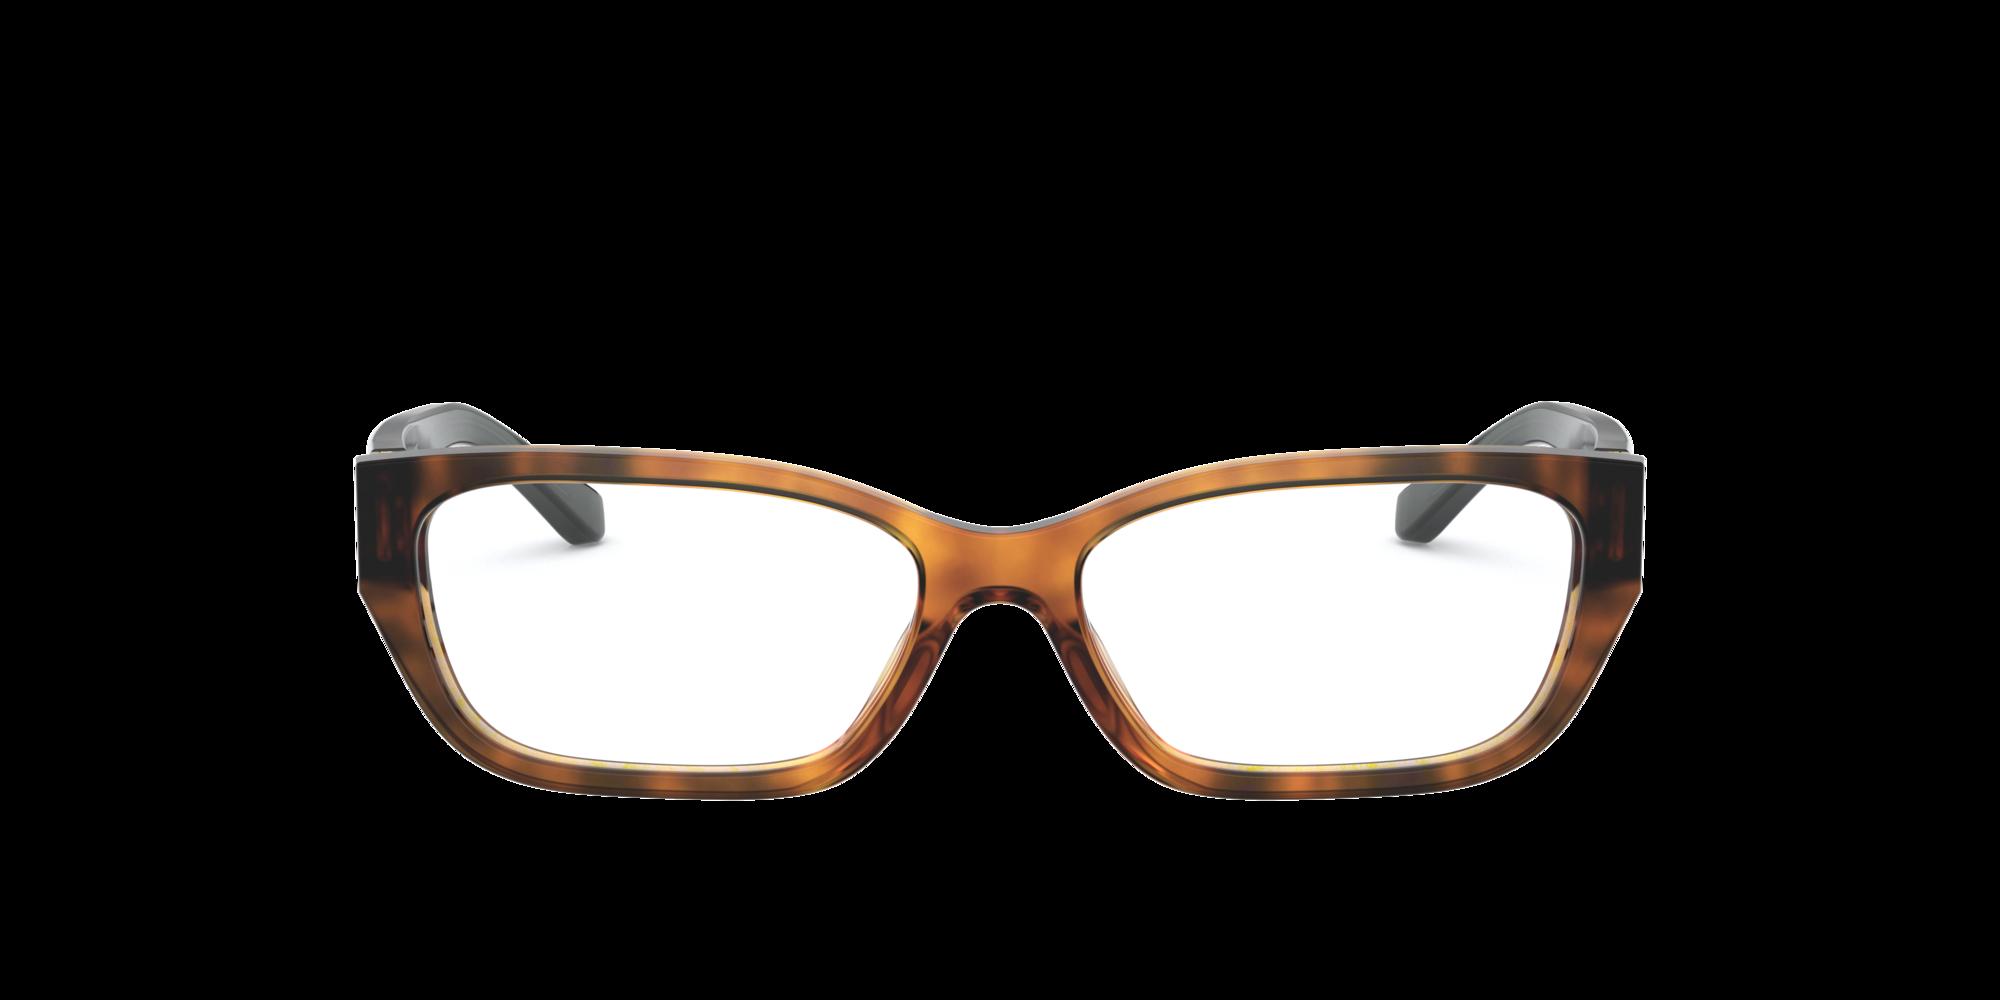 Imagen para TY2102 de LensCrafters |  Espejuelos, espejuelos graduados en línea, gafas